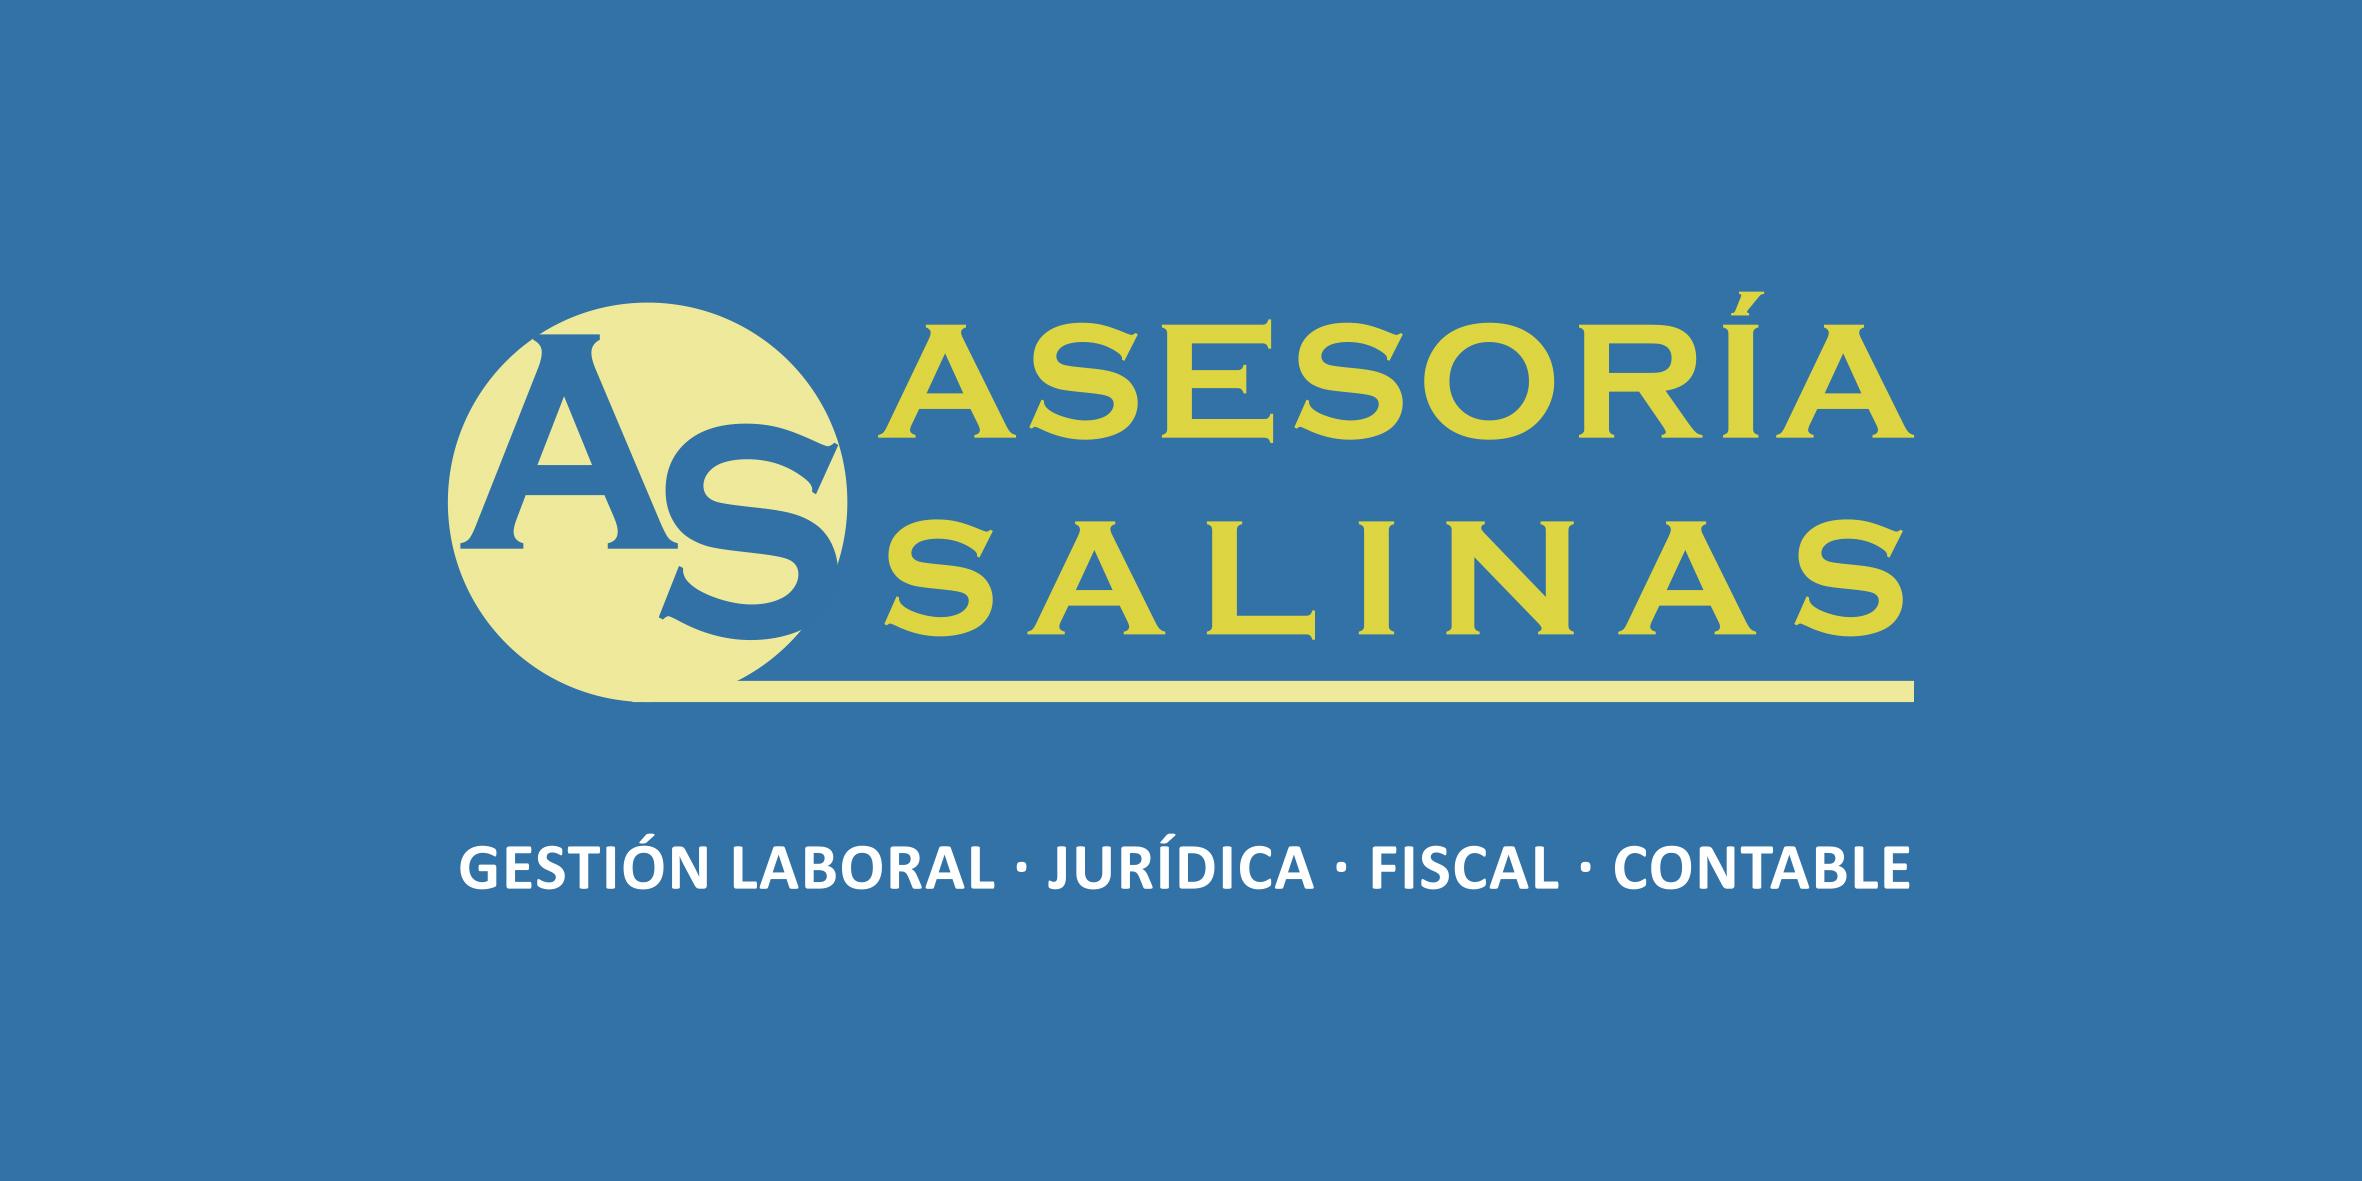 Asesoría Salinas